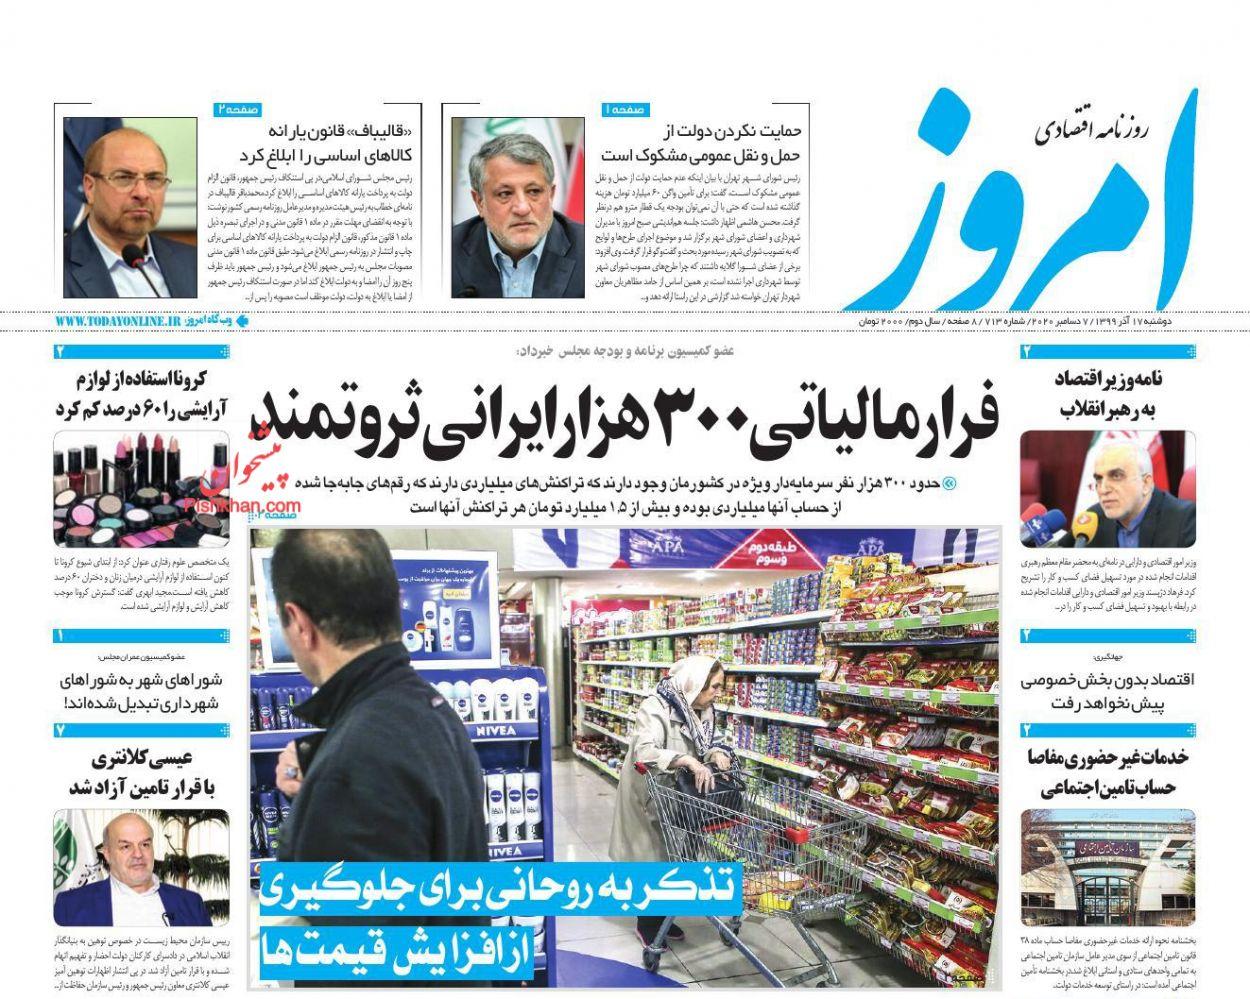 عناوین اخبار روزنامه امروز در روز دوشنبه ۱۷ آذر